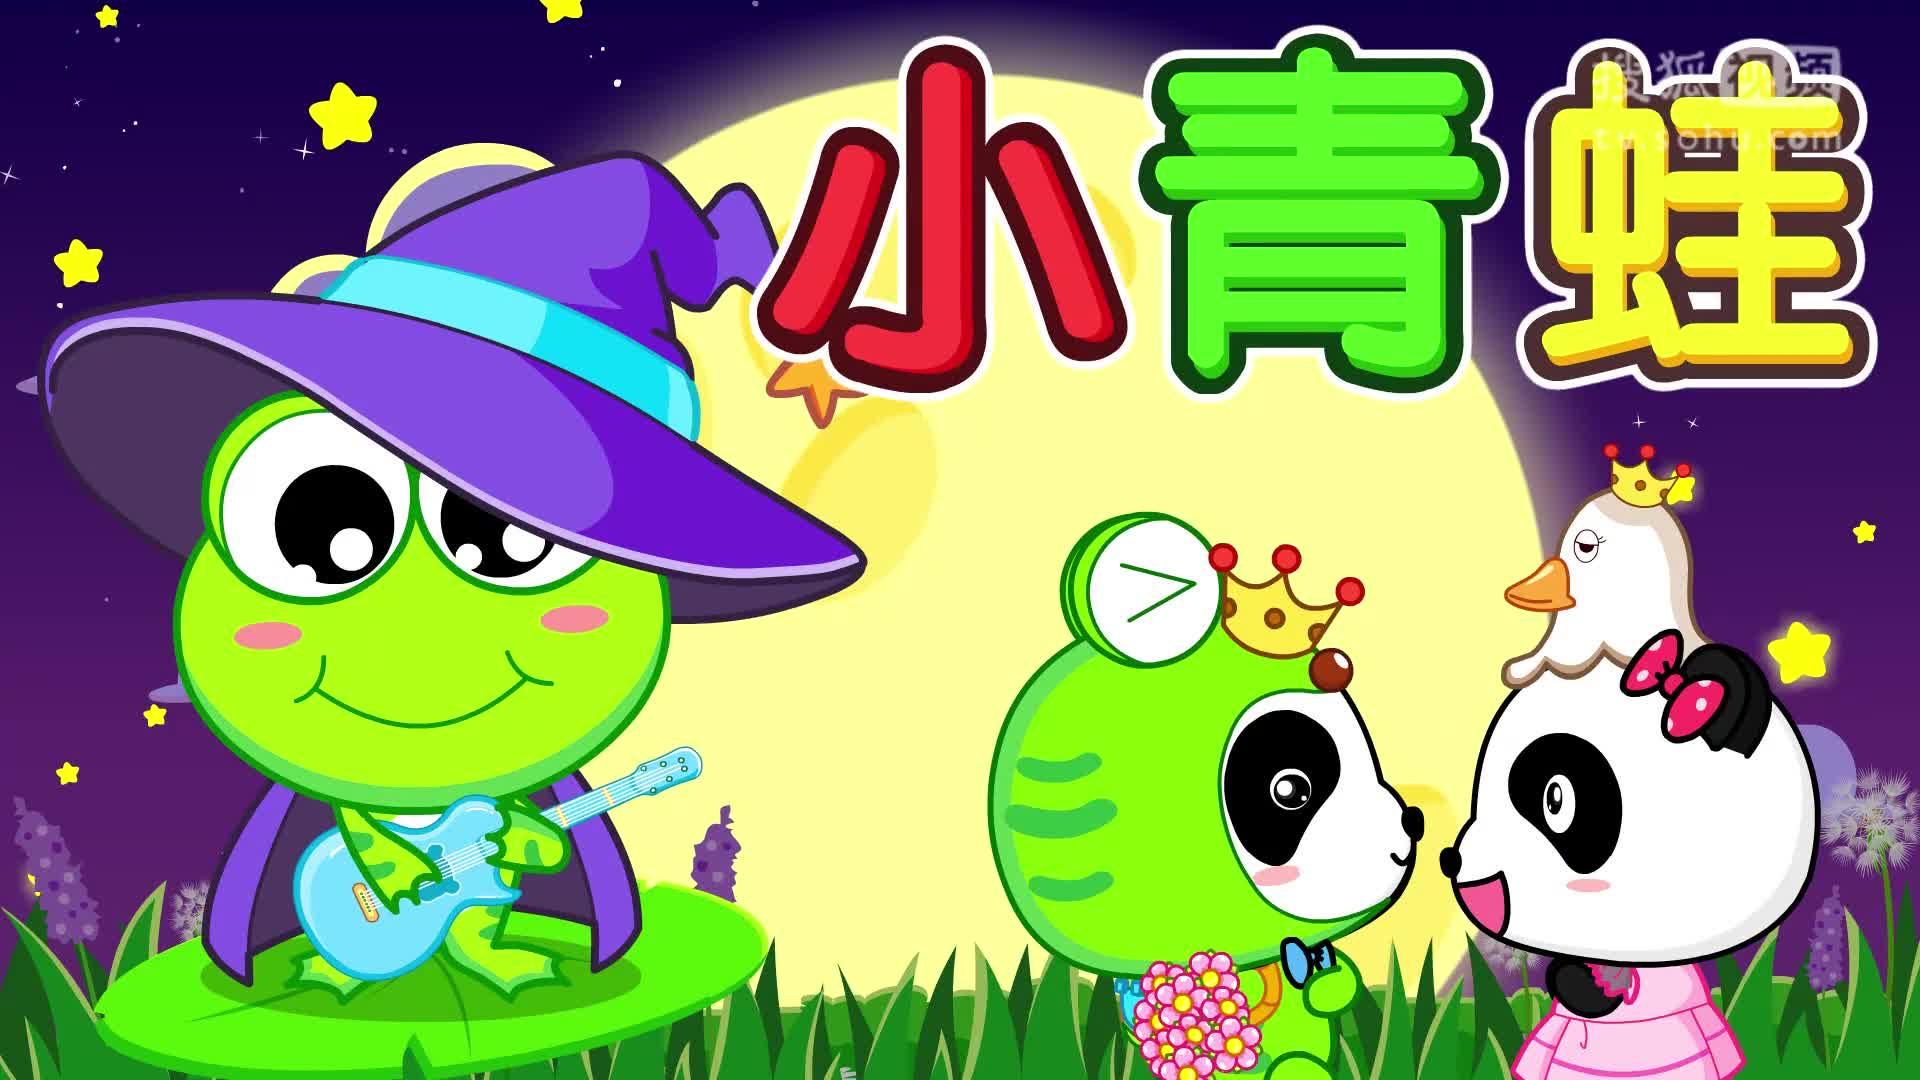 第19集 小青蛙-宝宝巴士儿歌之疯狂动物-宝宝巴士官方频道